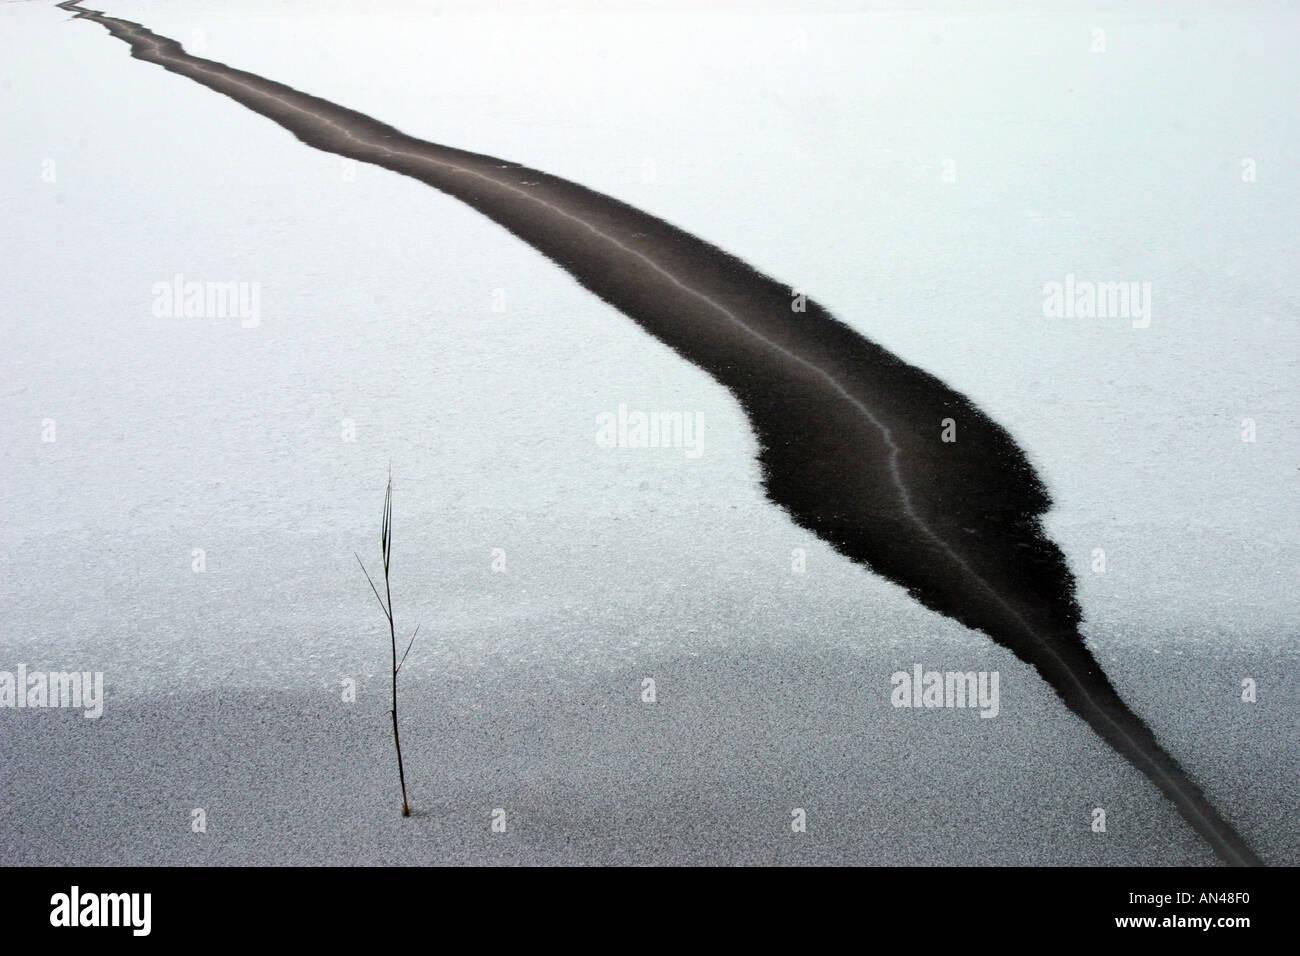 Noir sombre fissure dans la glace mince couvert de neige Photo Stock